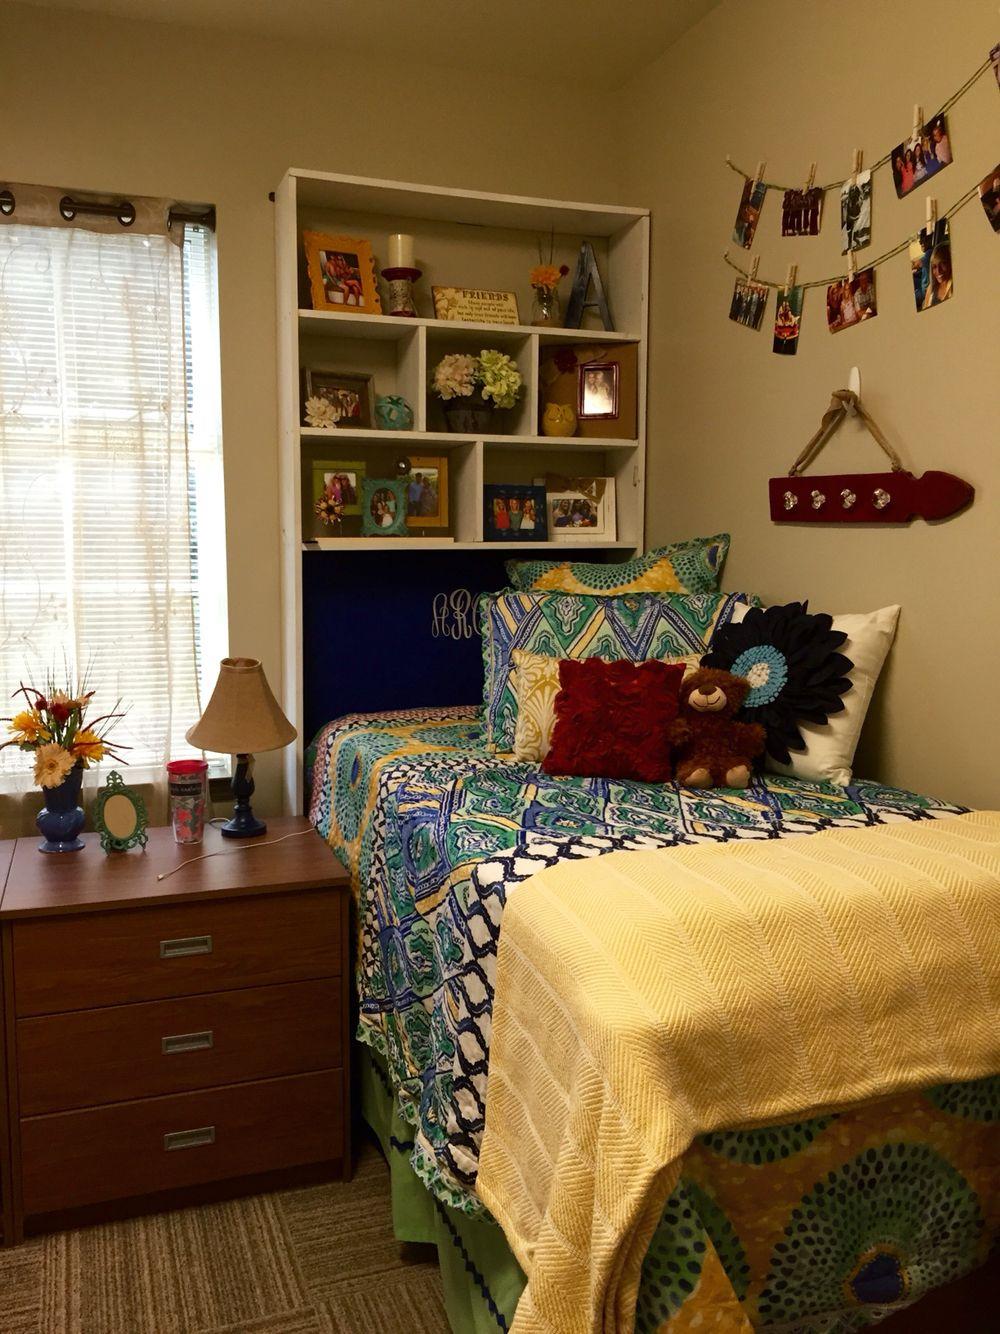 Dorm Room Furniture: Dorm Inspiration, Dorm Room, Dorm Life